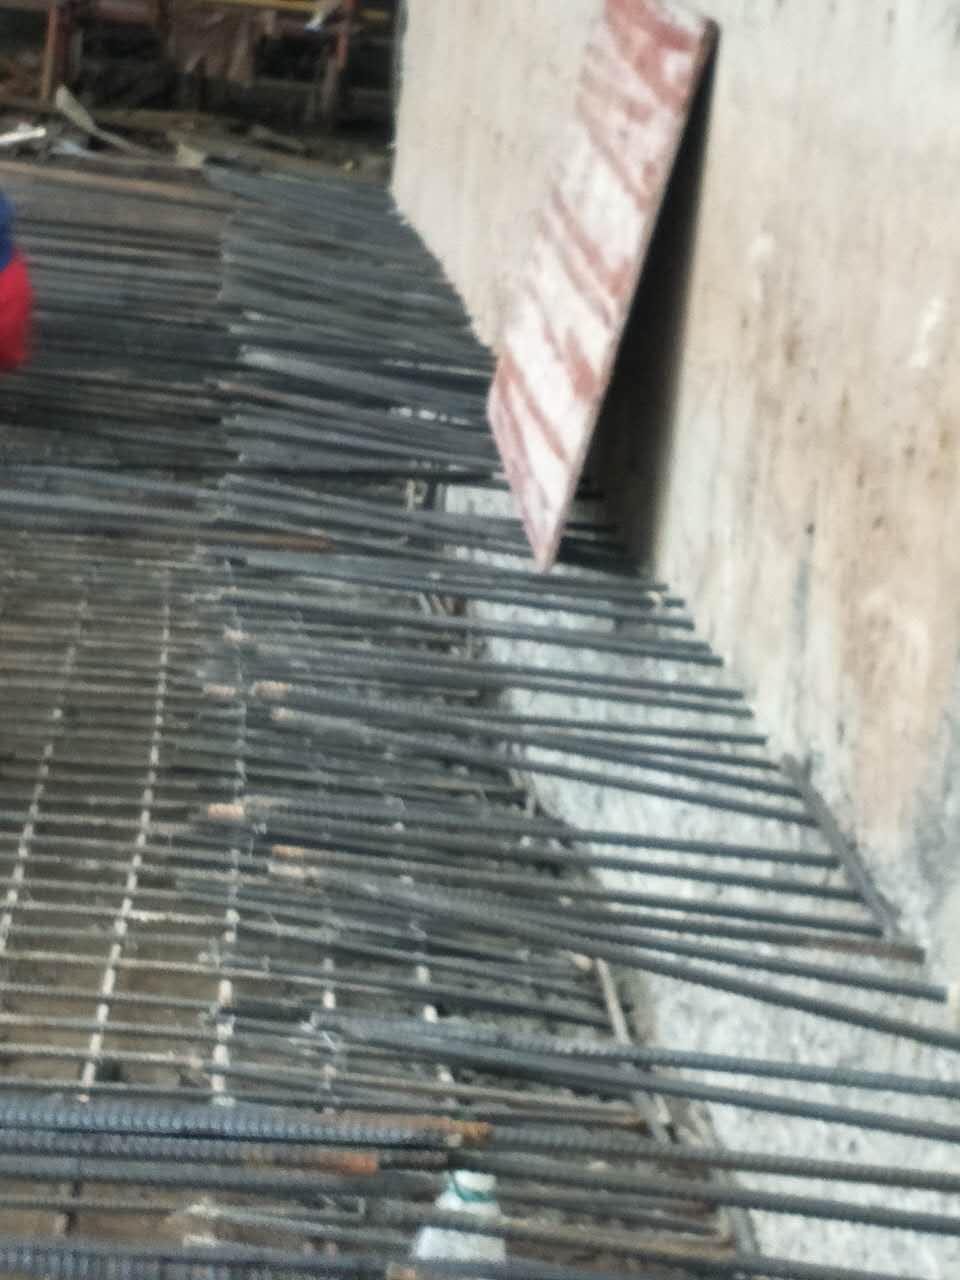 佛山化学螺栓加固工程承包 佛山化学螺栓加固公司 化学螺栓加固工程 ,化学螺栓加固